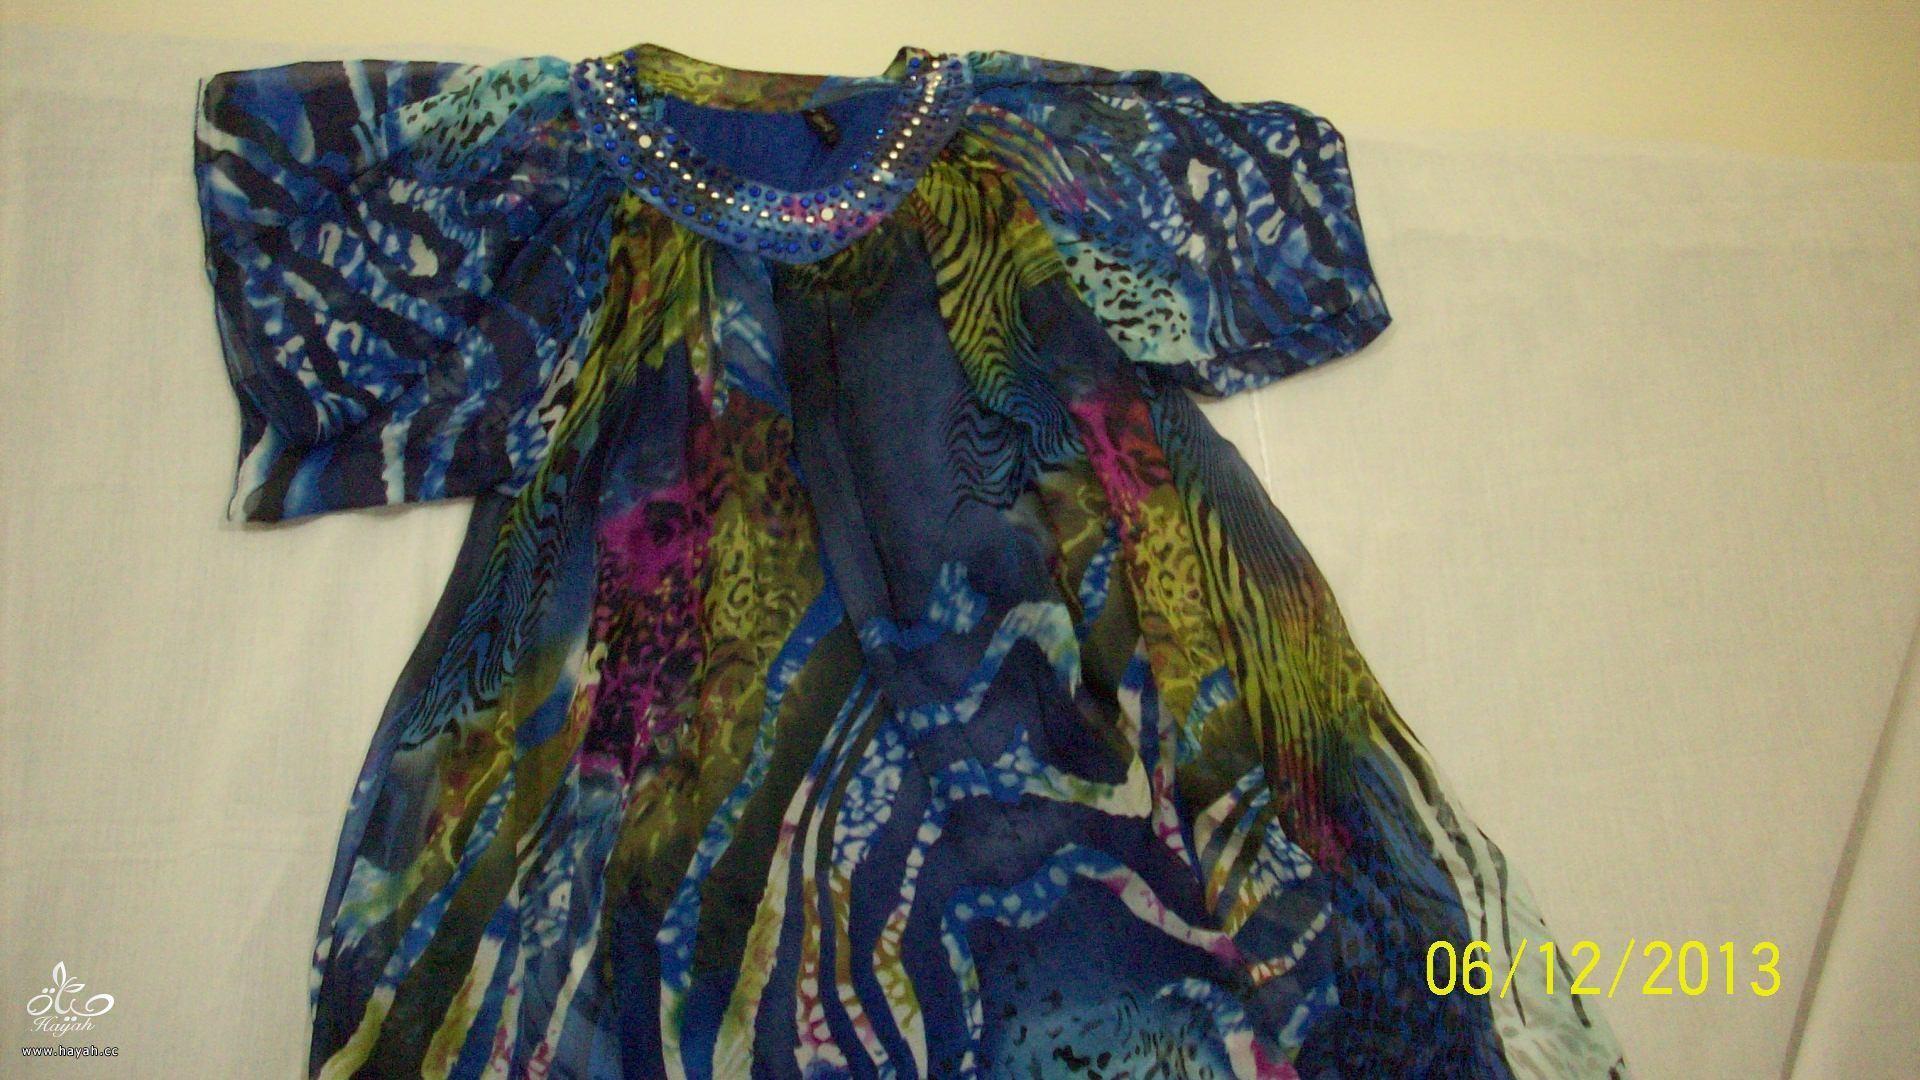 ملابسي - ملابس جديدة للبيع hayahcc_1389921711_854.jpg